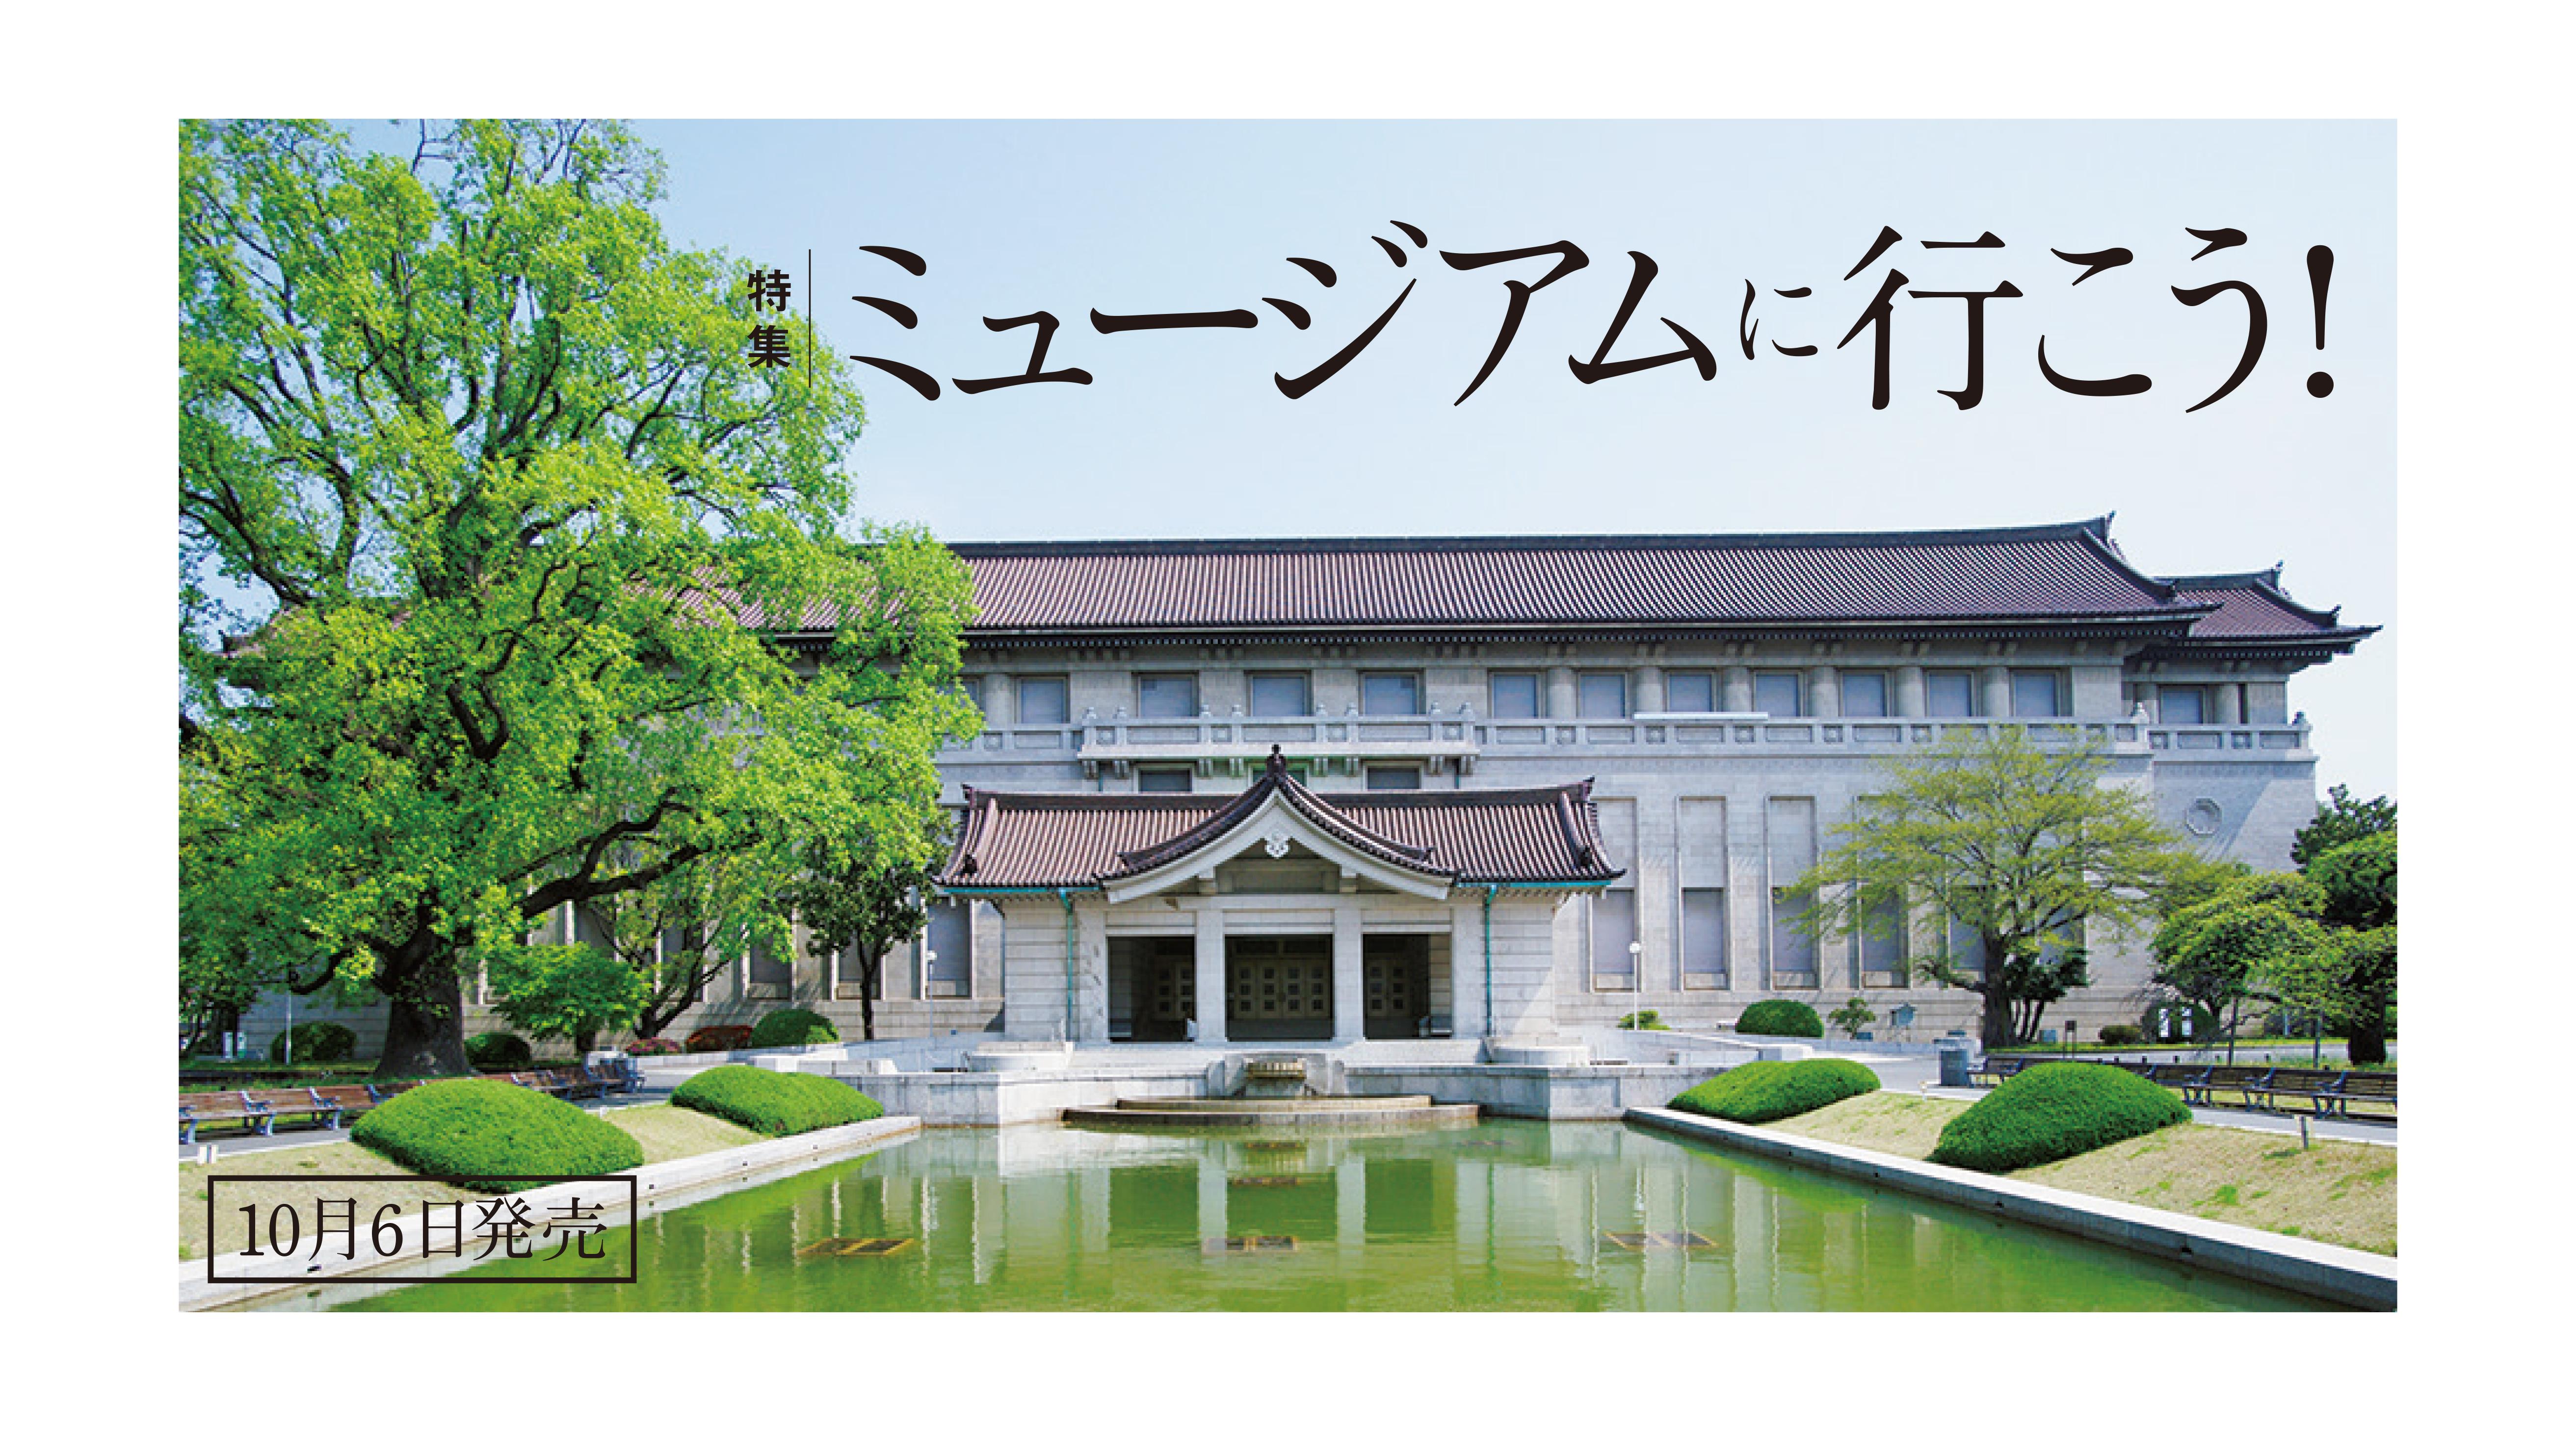 特集:ミュージアムに行こう!<br/>Discover Japan11月号発売中です!